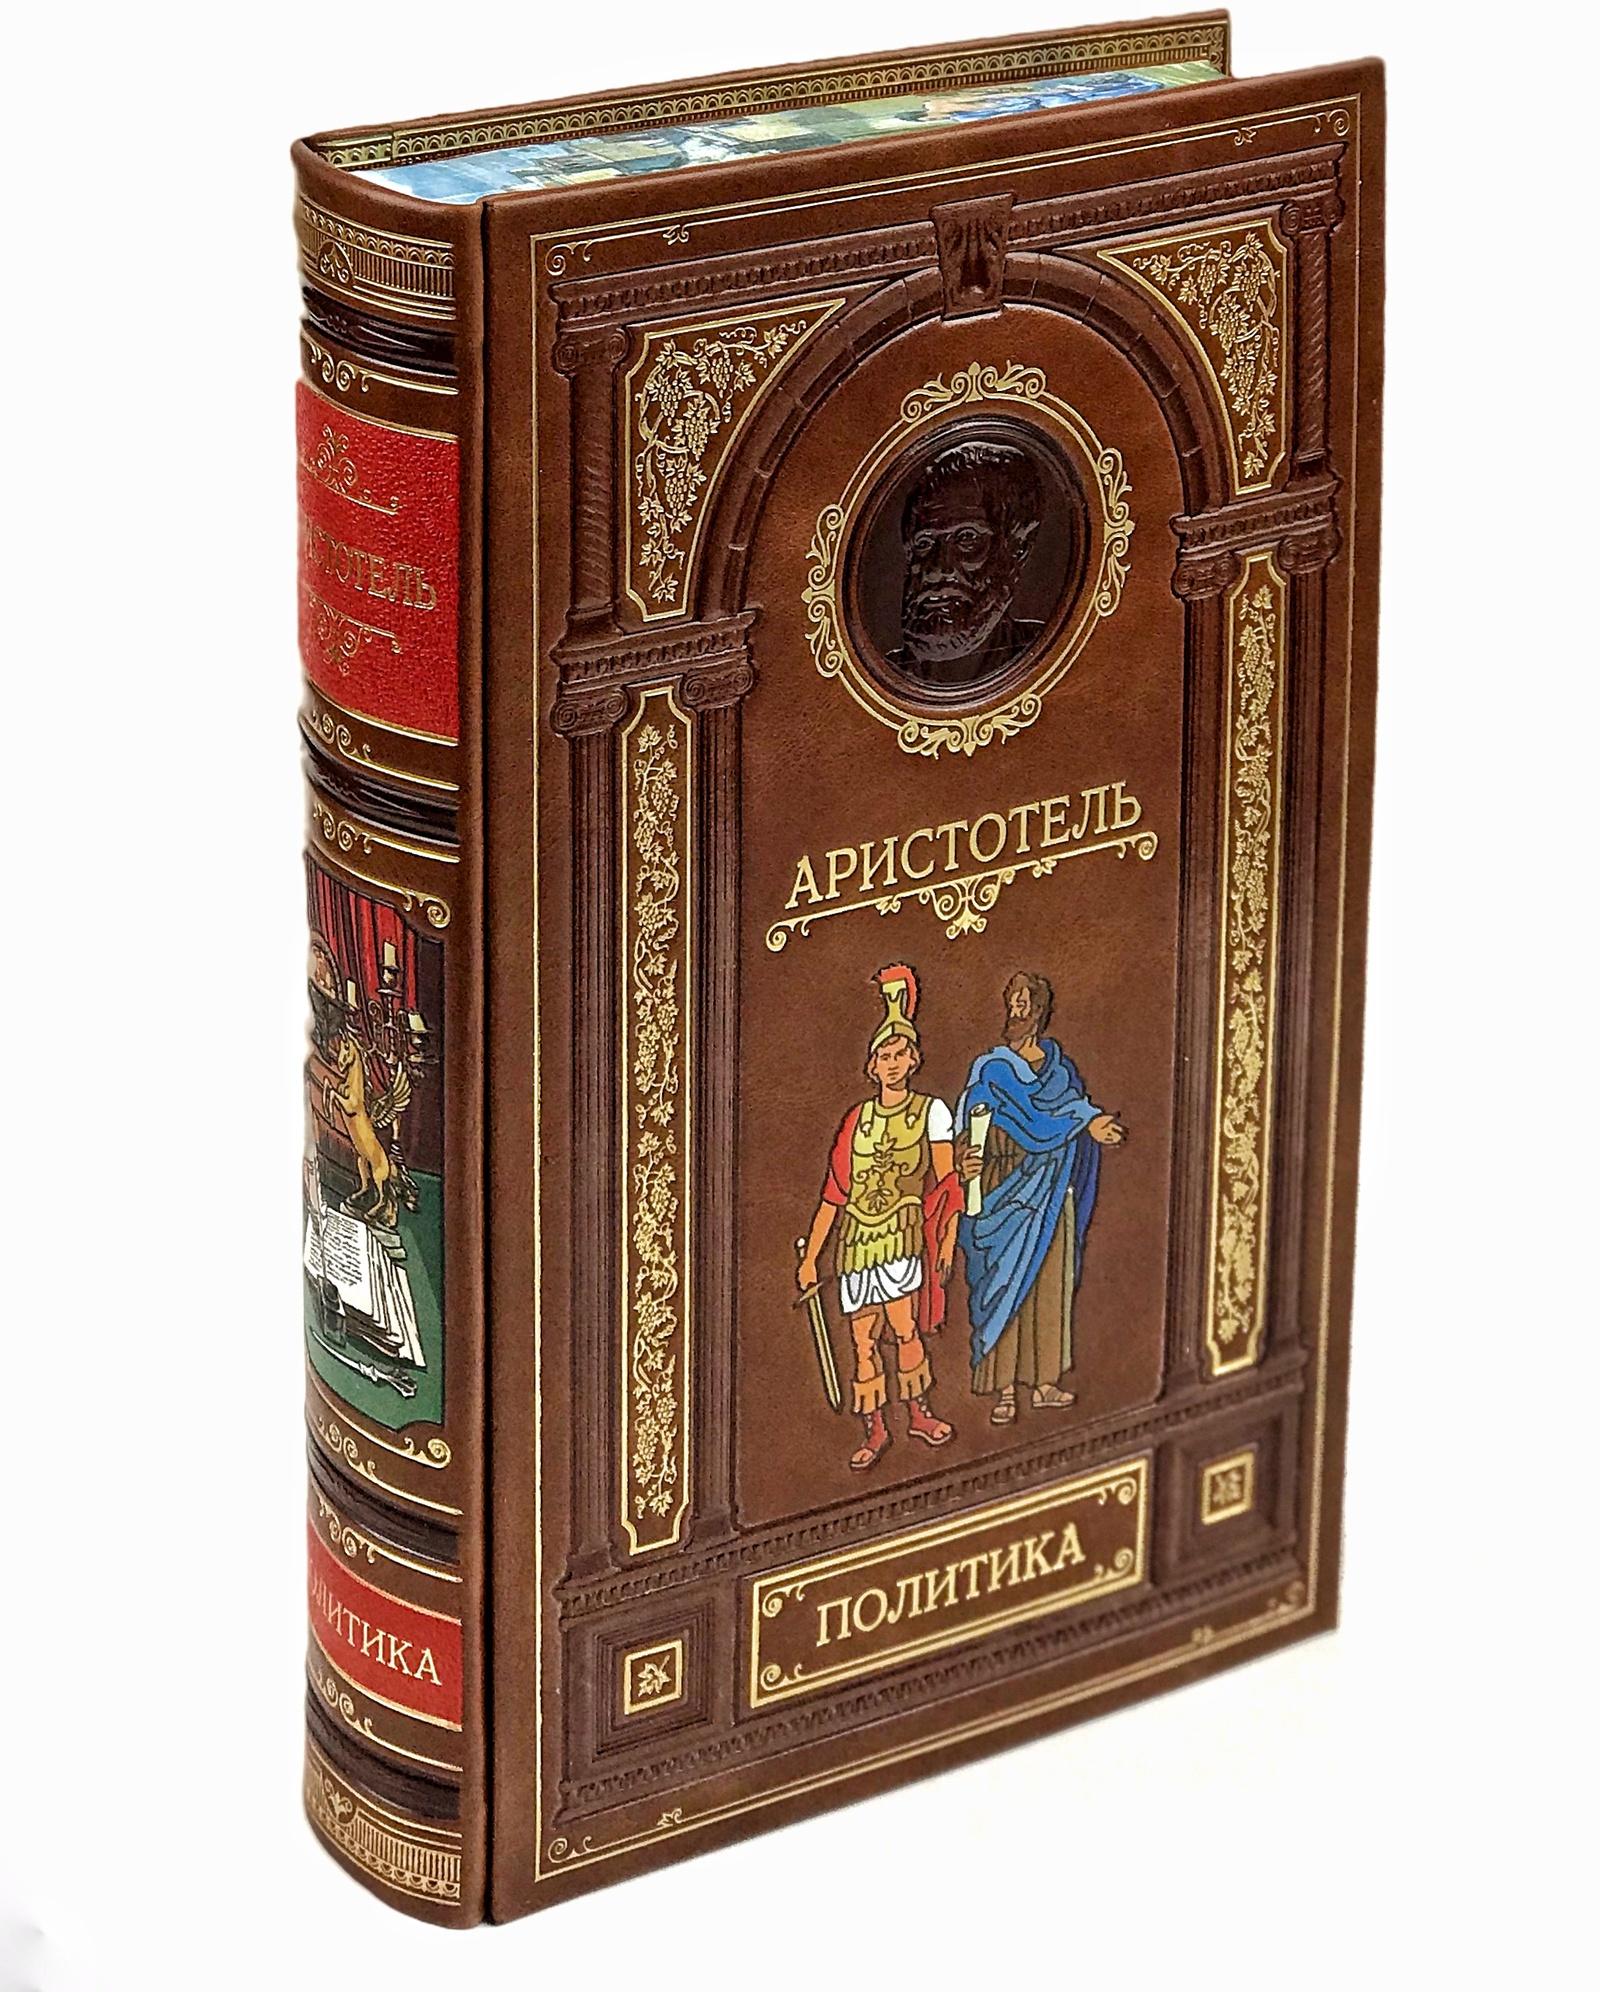 Аристотель Аристотель. Политика. Большая этика. Подарочное издание в кожаном переплете